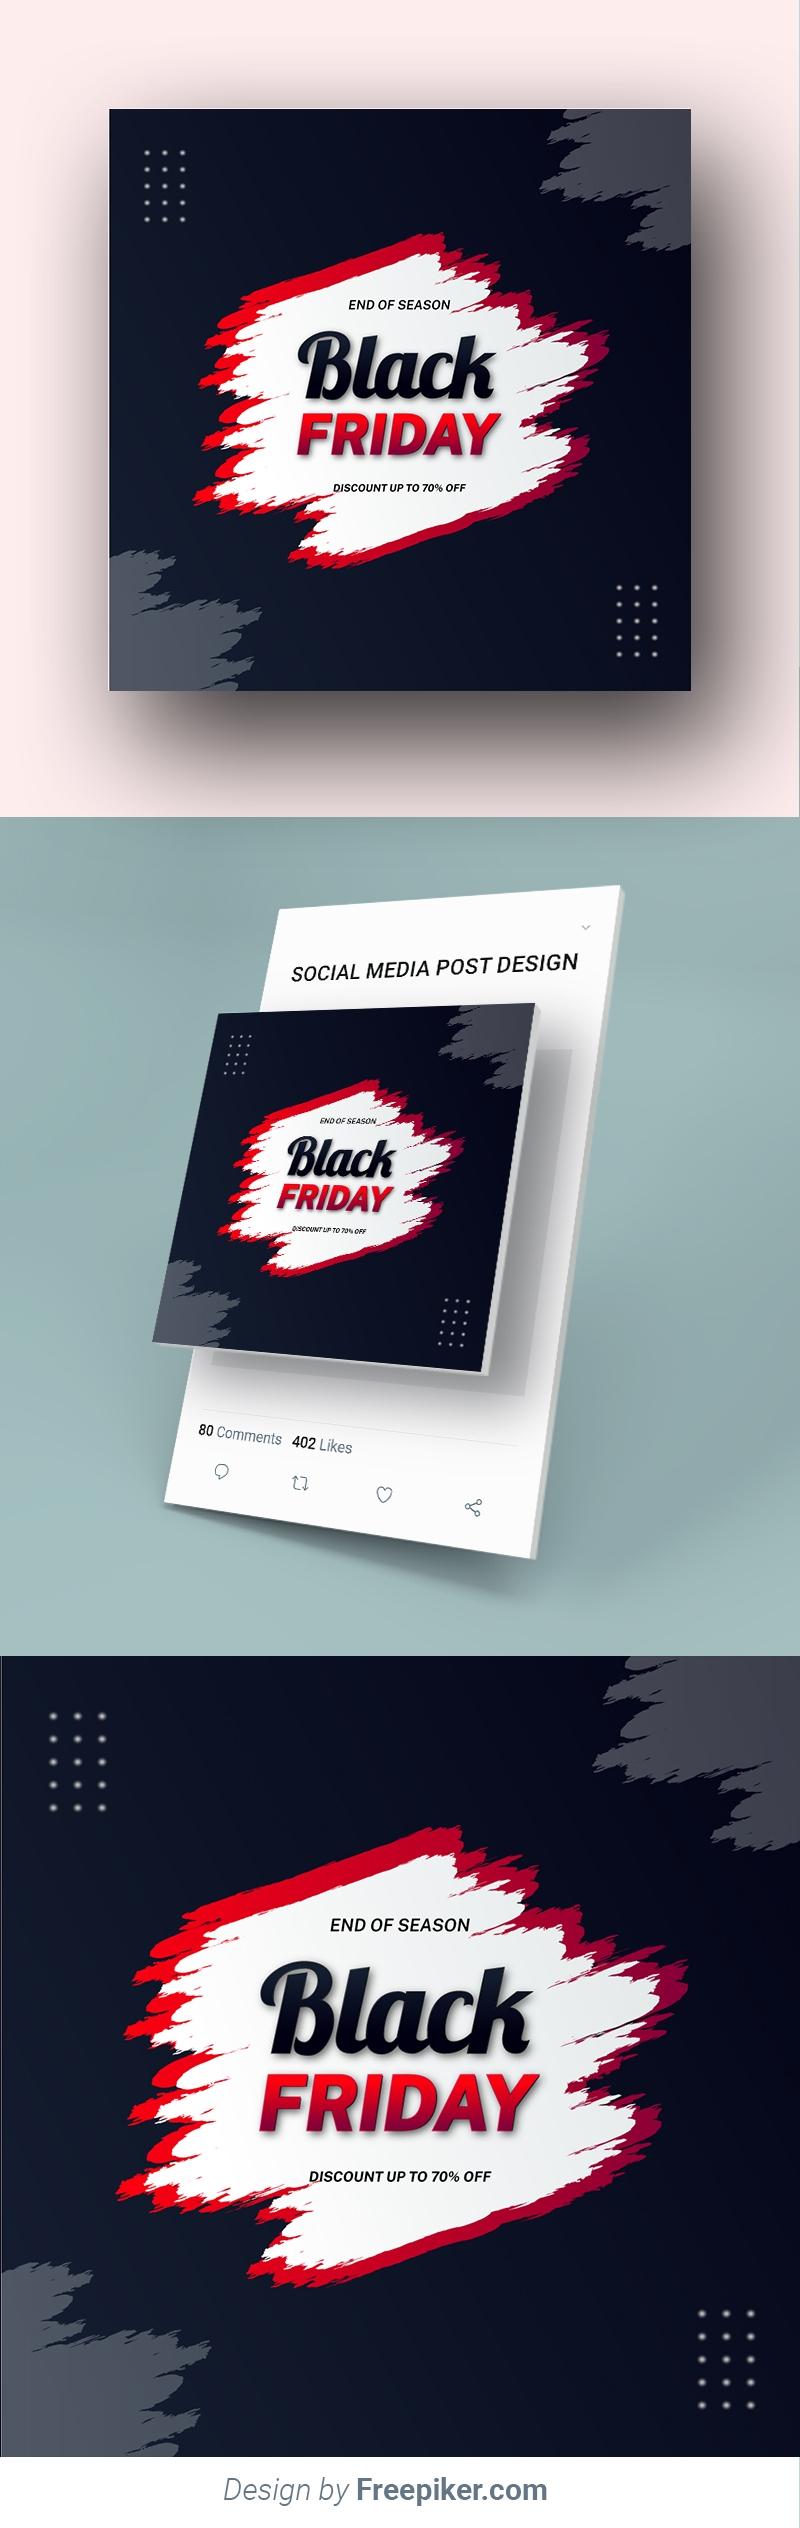 Modern Brush Effect Black Friday Social Media Banner